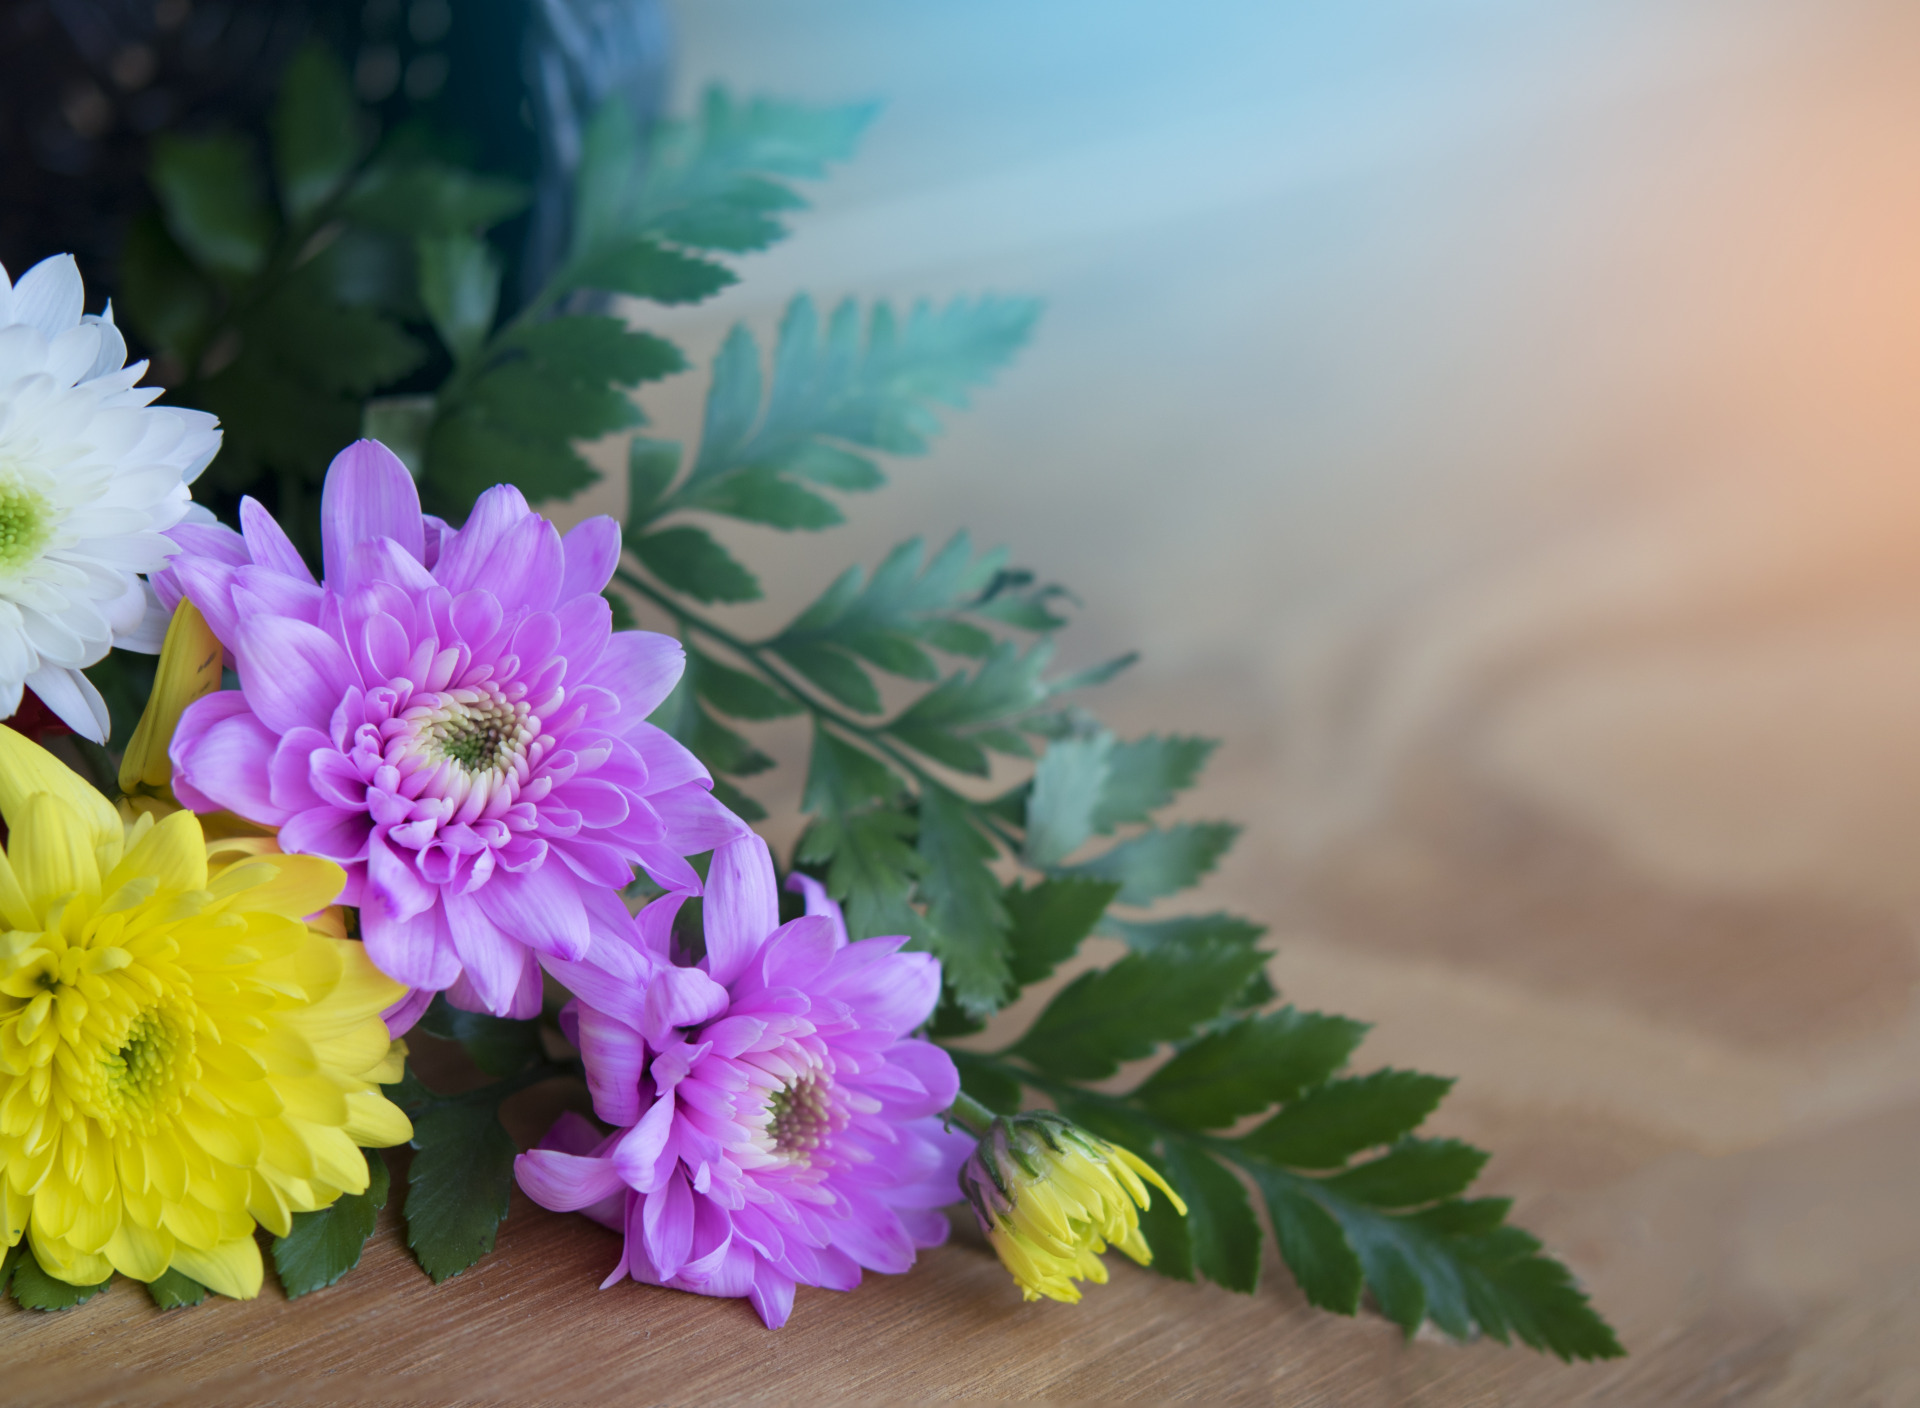 одеяла напрямую фото открытка хризантемы пледы круглые